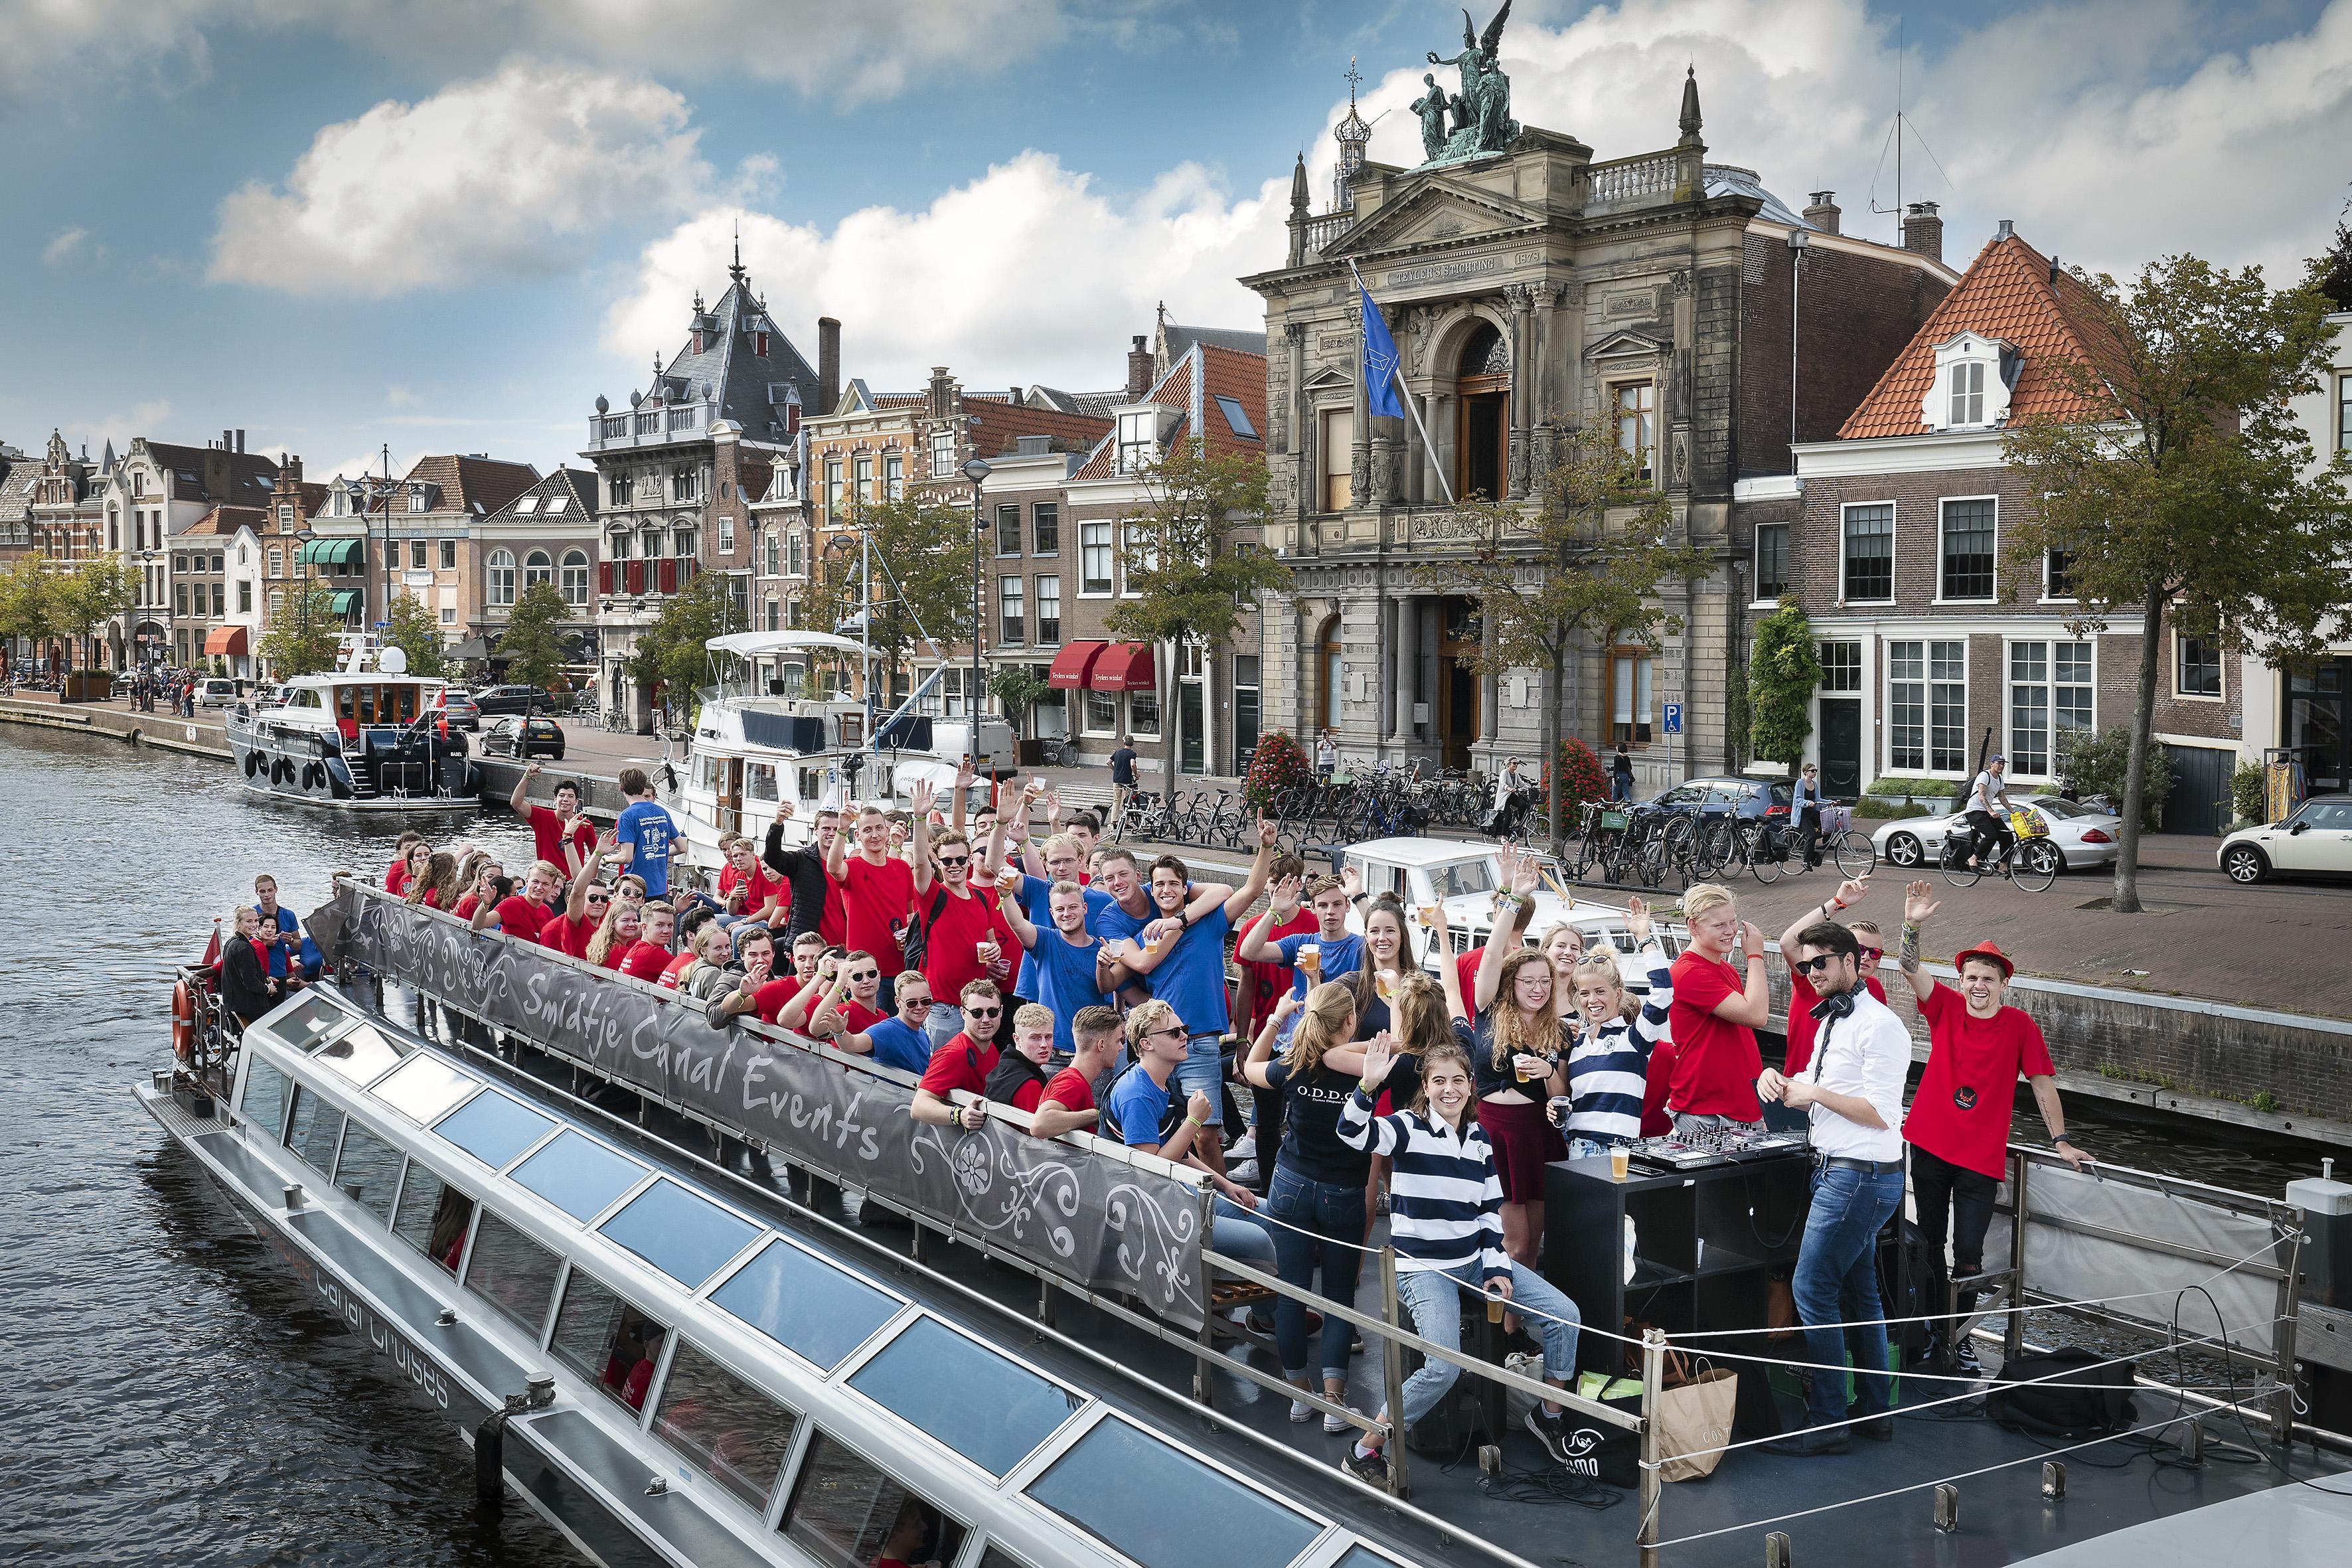 Recordaantal eerstejaars doet mee aan introductieweek Inholland in Haarlem: 'Hier ontstaan hechte vriendschappen'